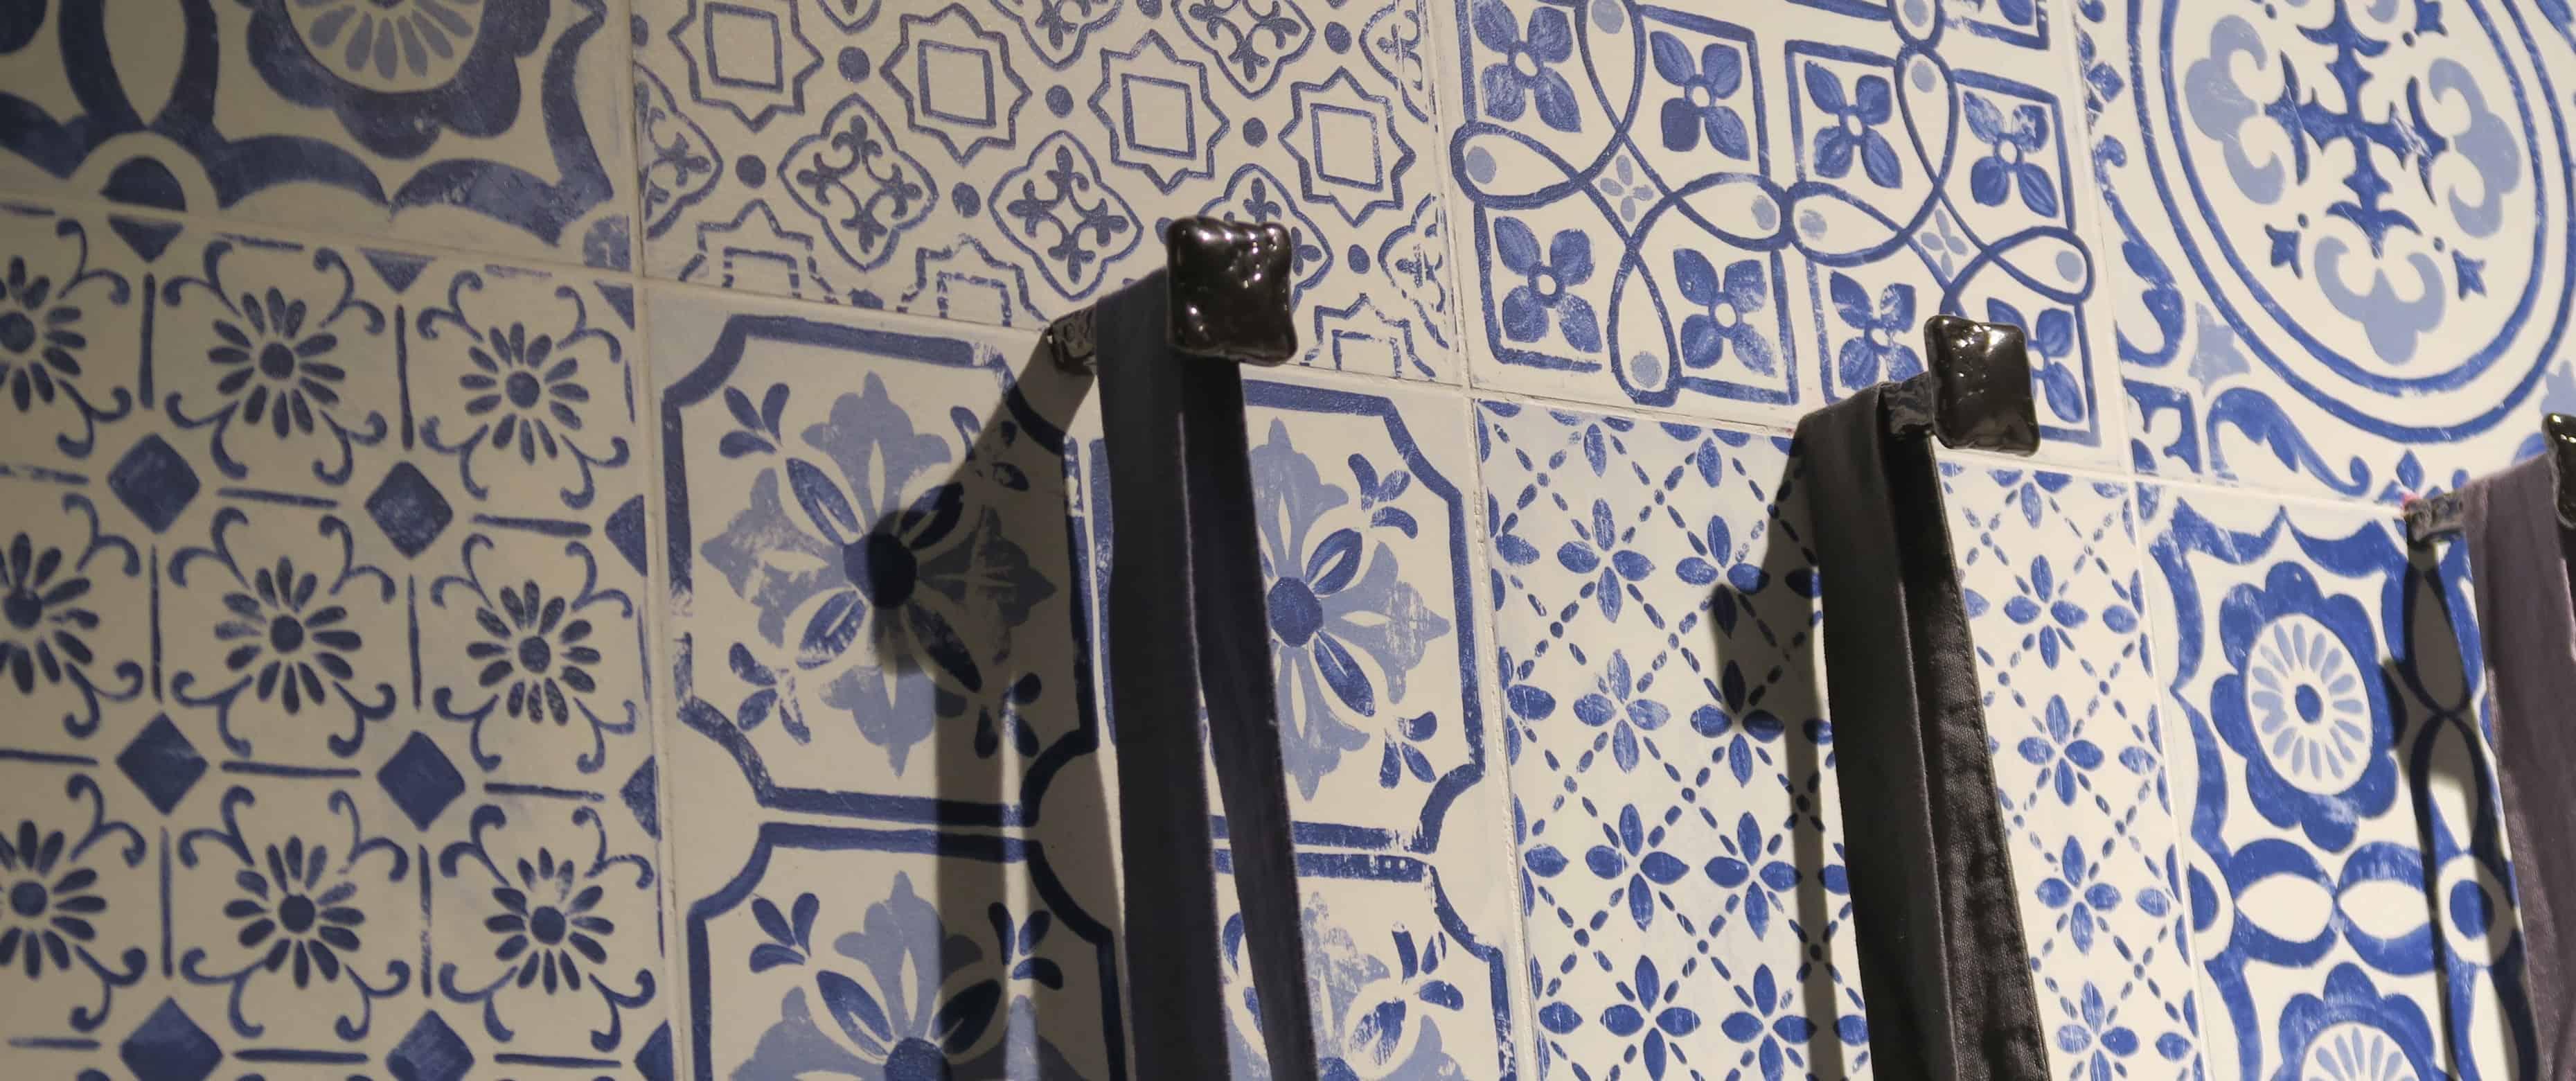 Ceramica Sant Agostino Rivenditori Roma.Cersaie 2018 Le Collezioni Di Ceramica Sant Agostino Arscity